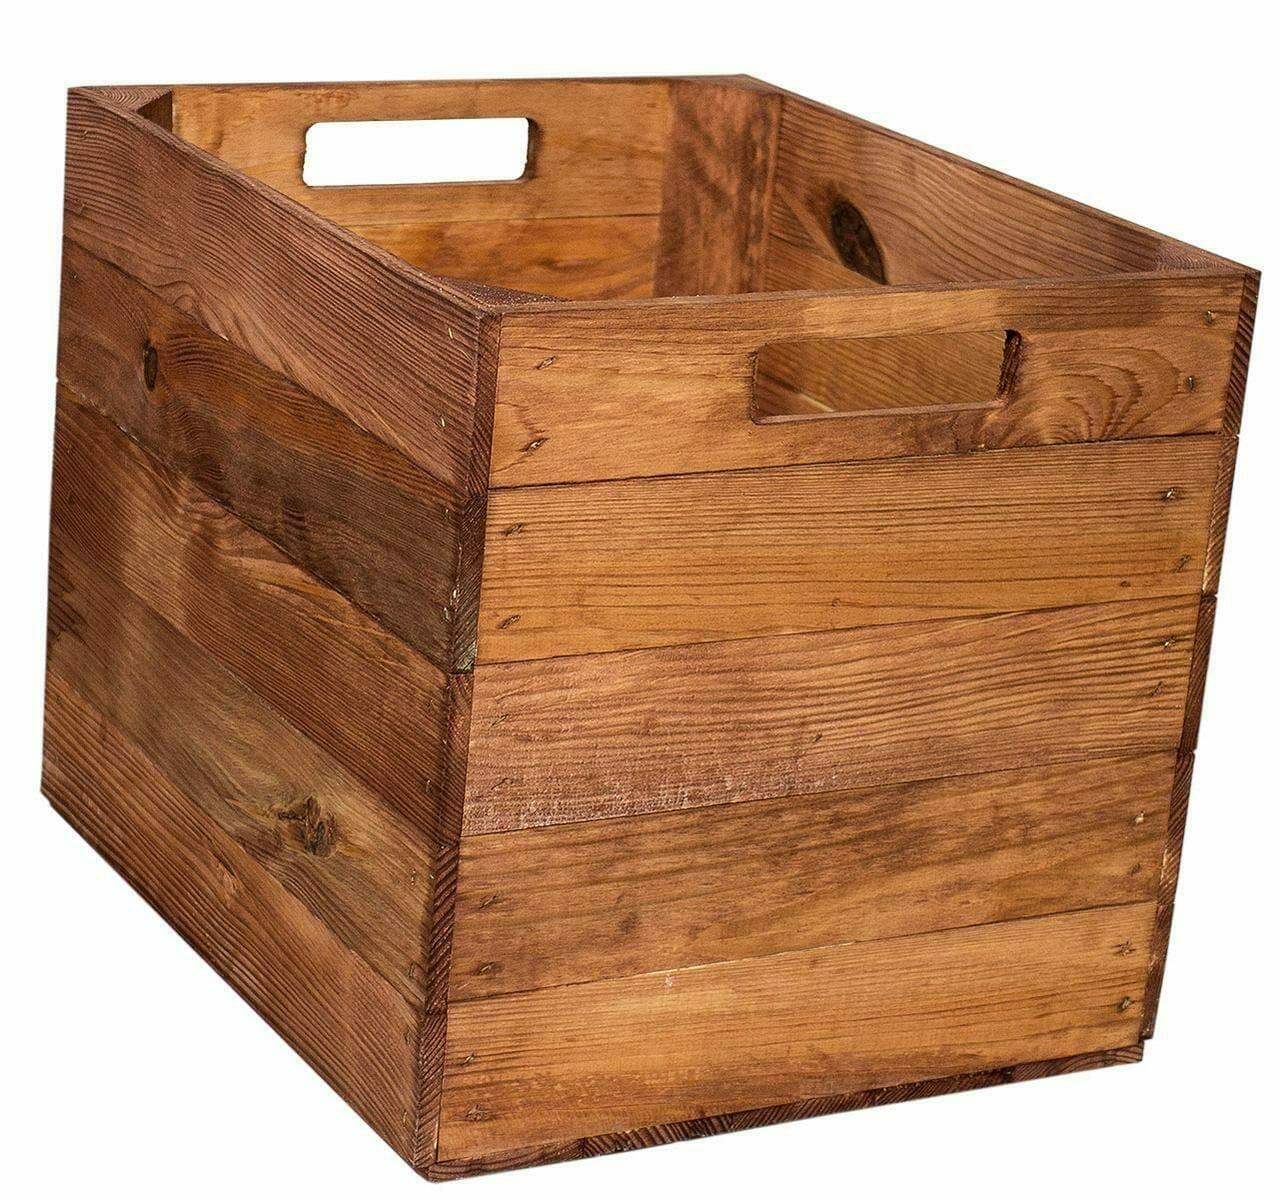 Full Size of Holzkiste Ikea Kallaregale Kisten Kaufen Beistellregal Küche Günstig Regal Roller Regale Hoch Aus Obstkisten Glasböden 40 Cm Breit Duschen Tiefe 30 Regal Regal Kaufen